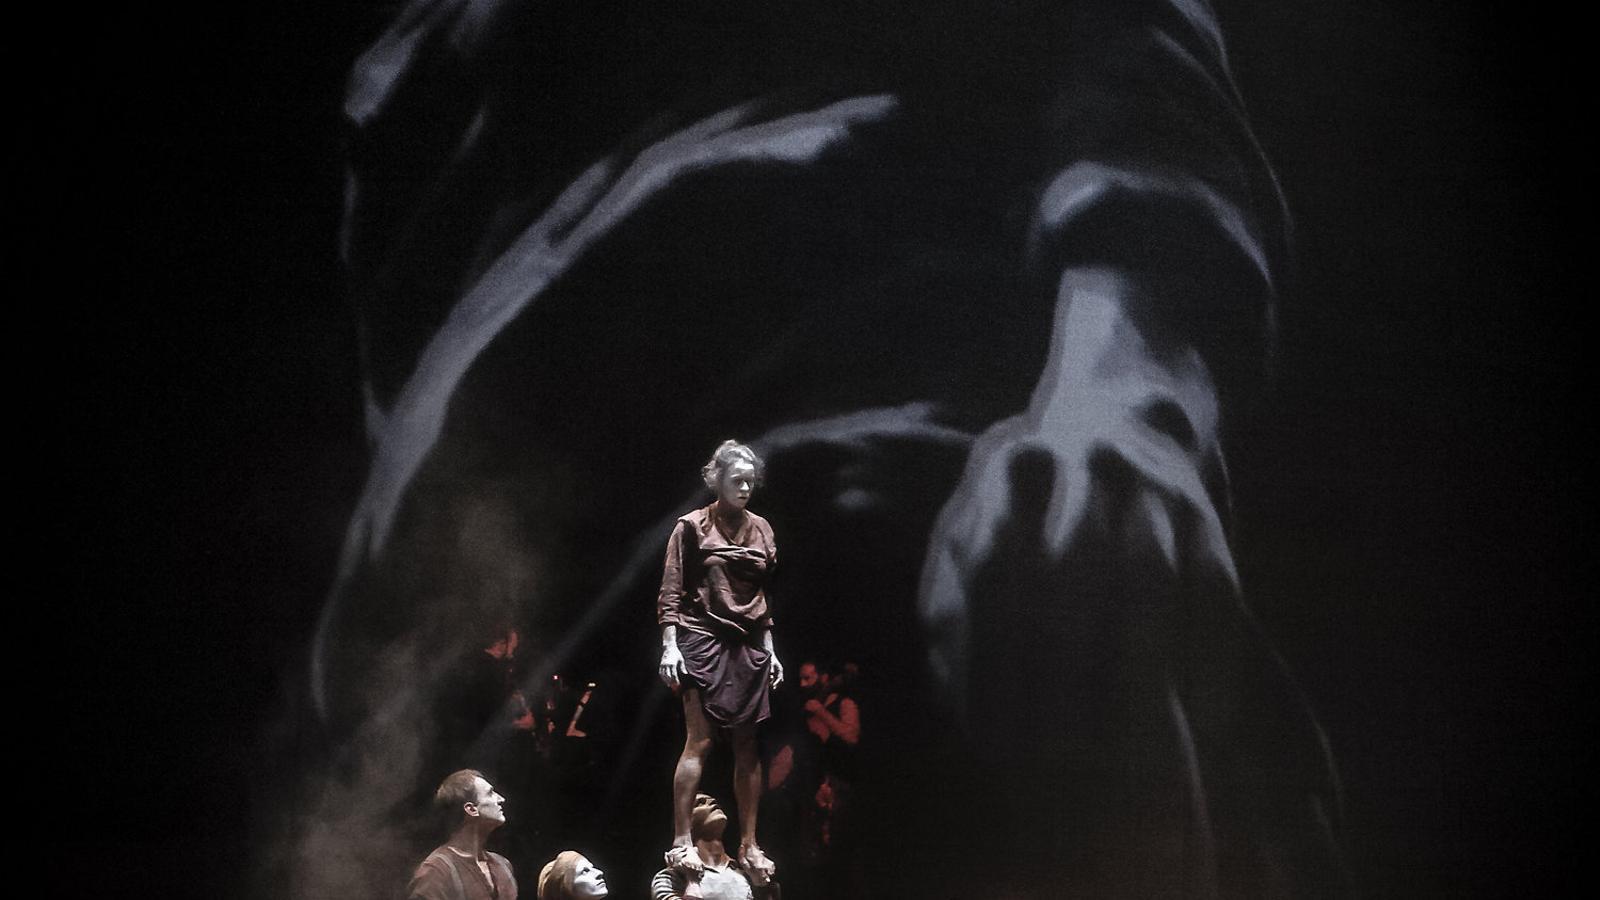 Una òpera contemporània sobre el drama dels refugiats